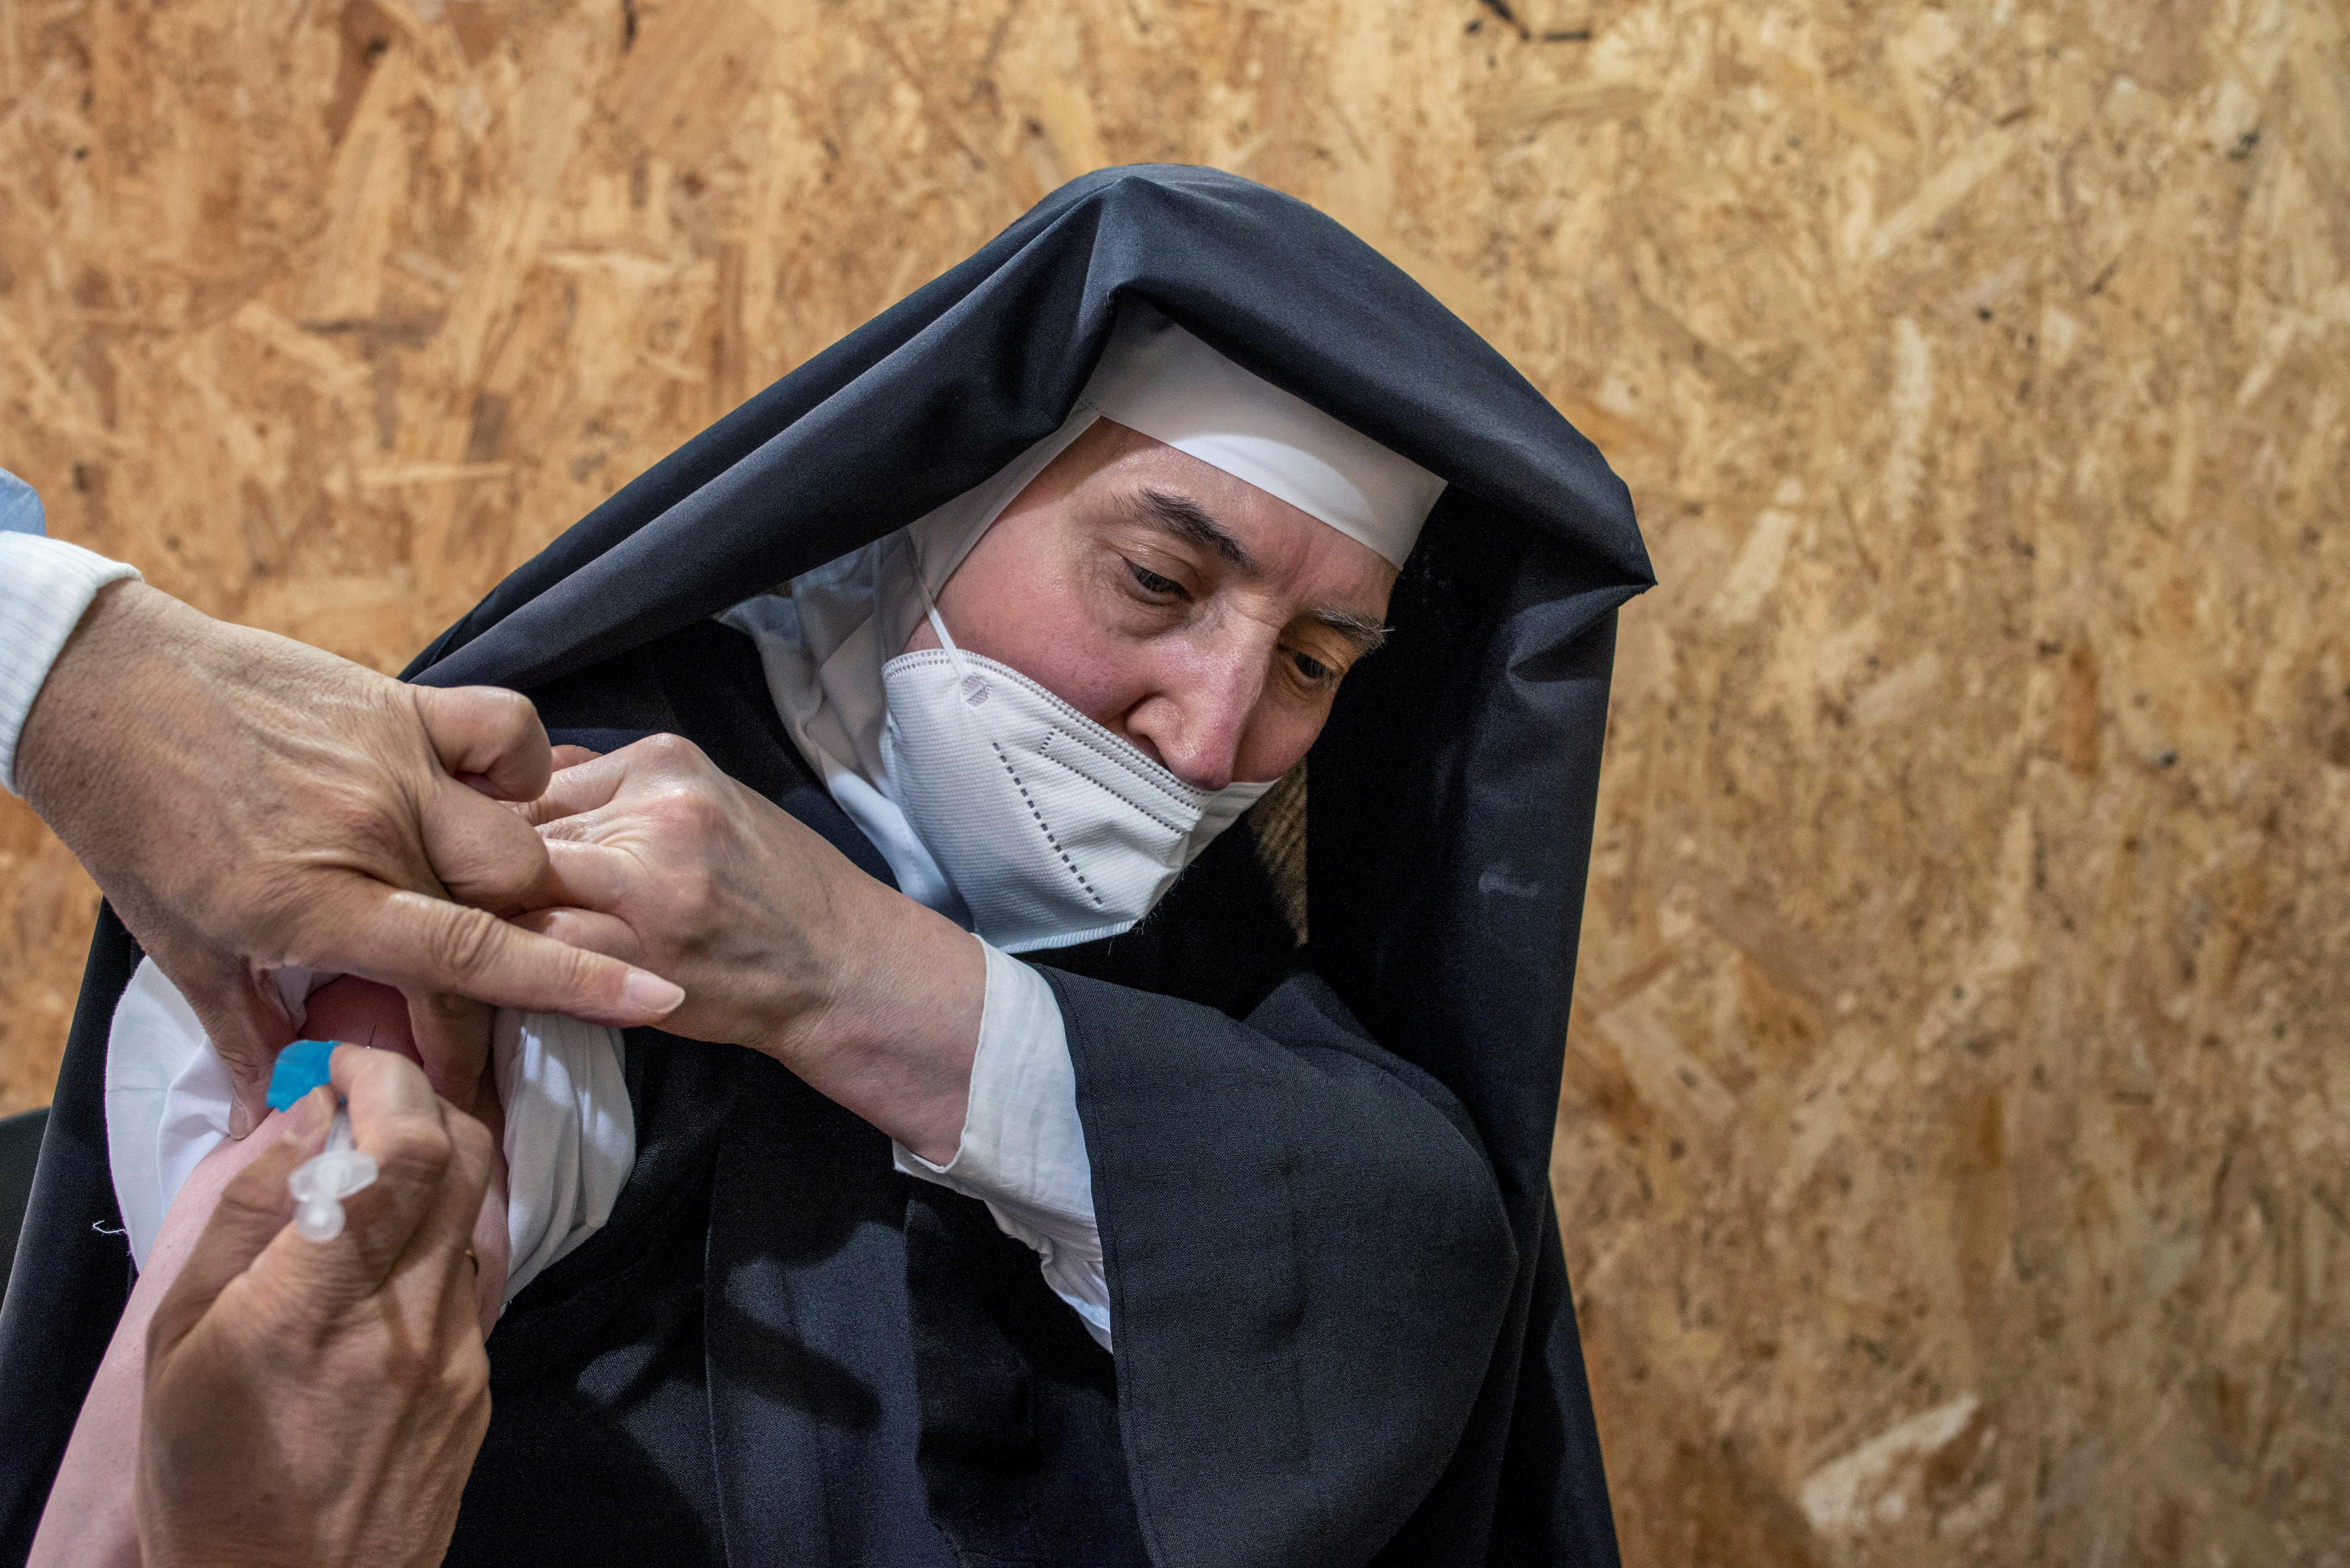 Una monja recibe la vacuna contra la Covid-19 en Expourense.